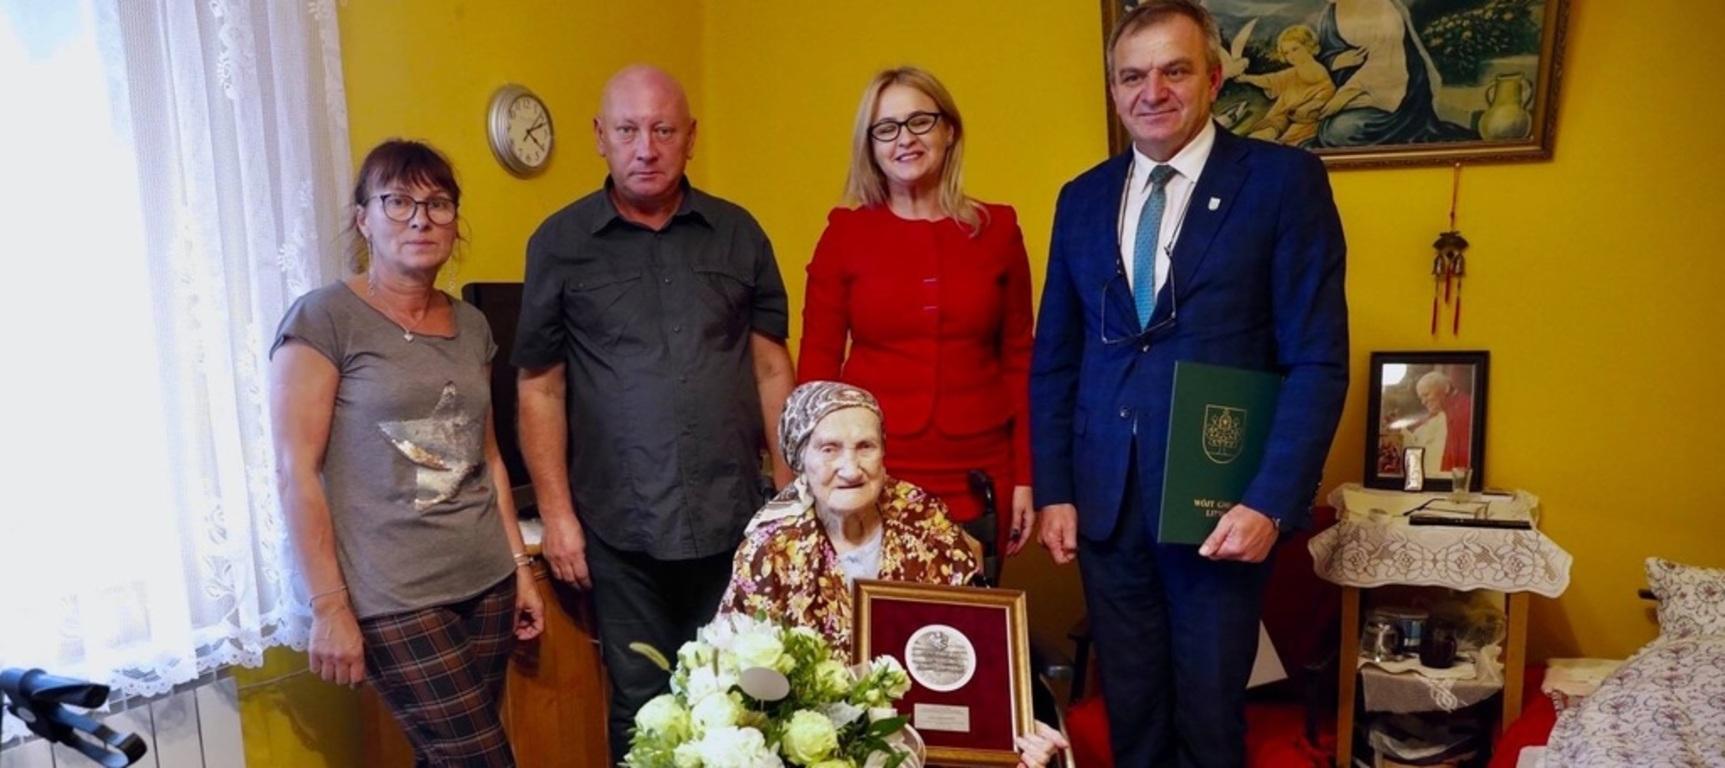 Pani Irena na wózku w towarzystwie Wójta Gminy Lipno oraz Pani Anety Jędrzejewskiej i domownikami.